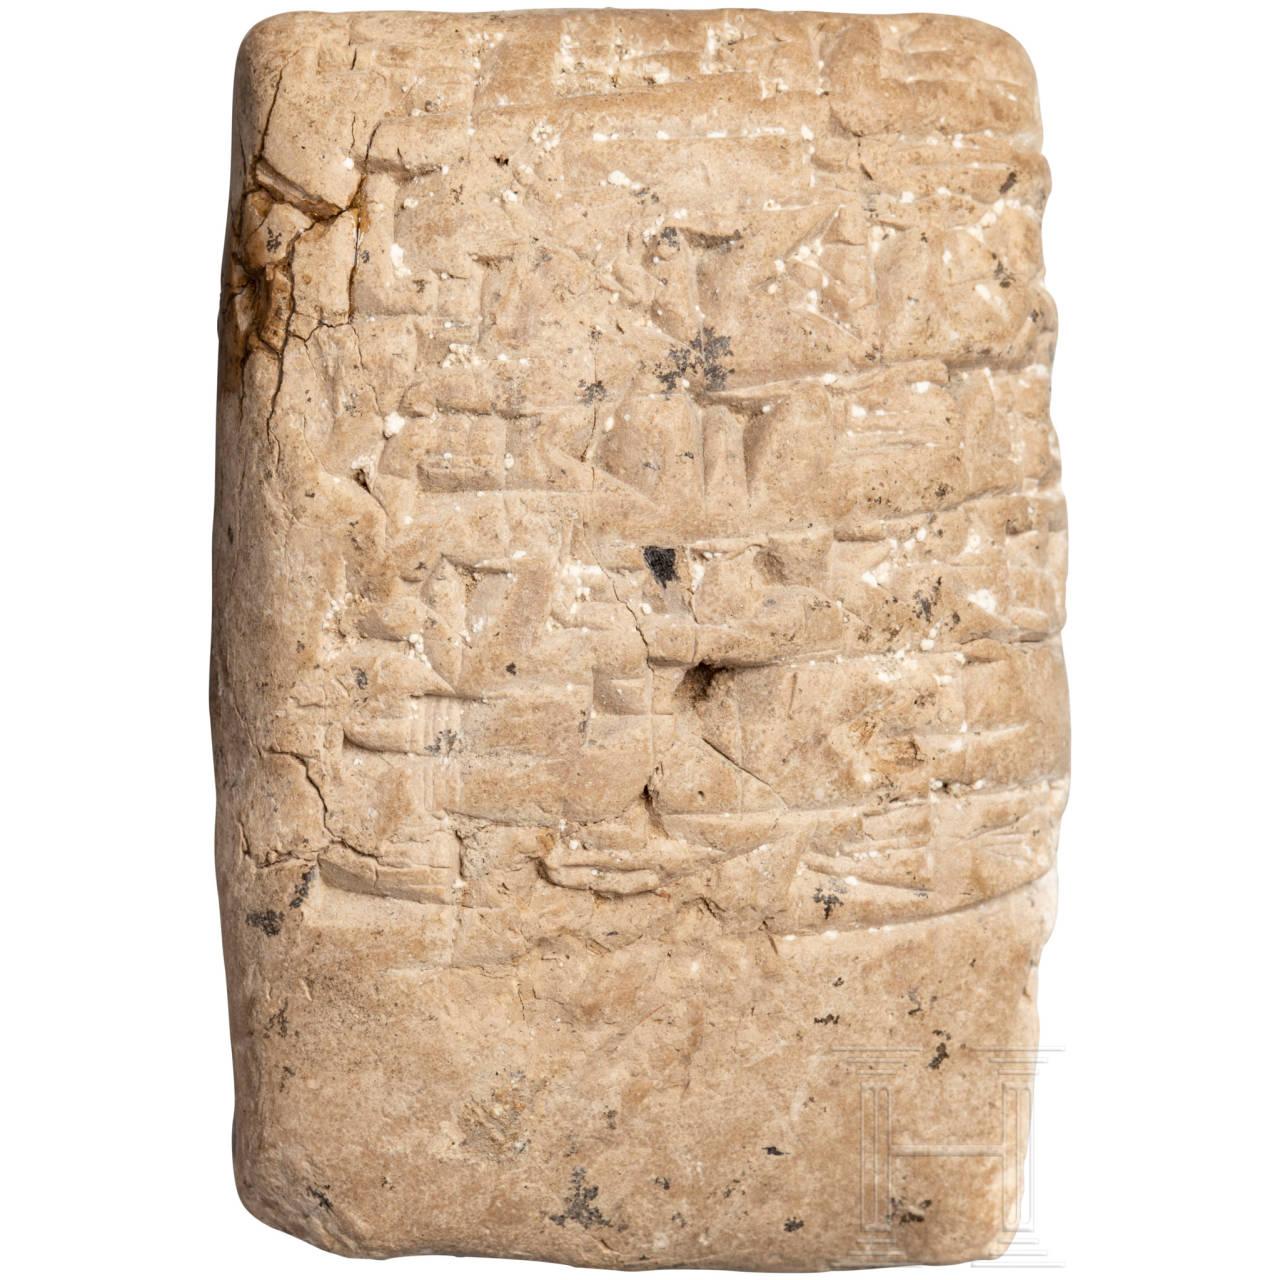 Keilschrifttäfelchen, Vorderer Orient, 2. - 1. Jtsd. v. Chr.